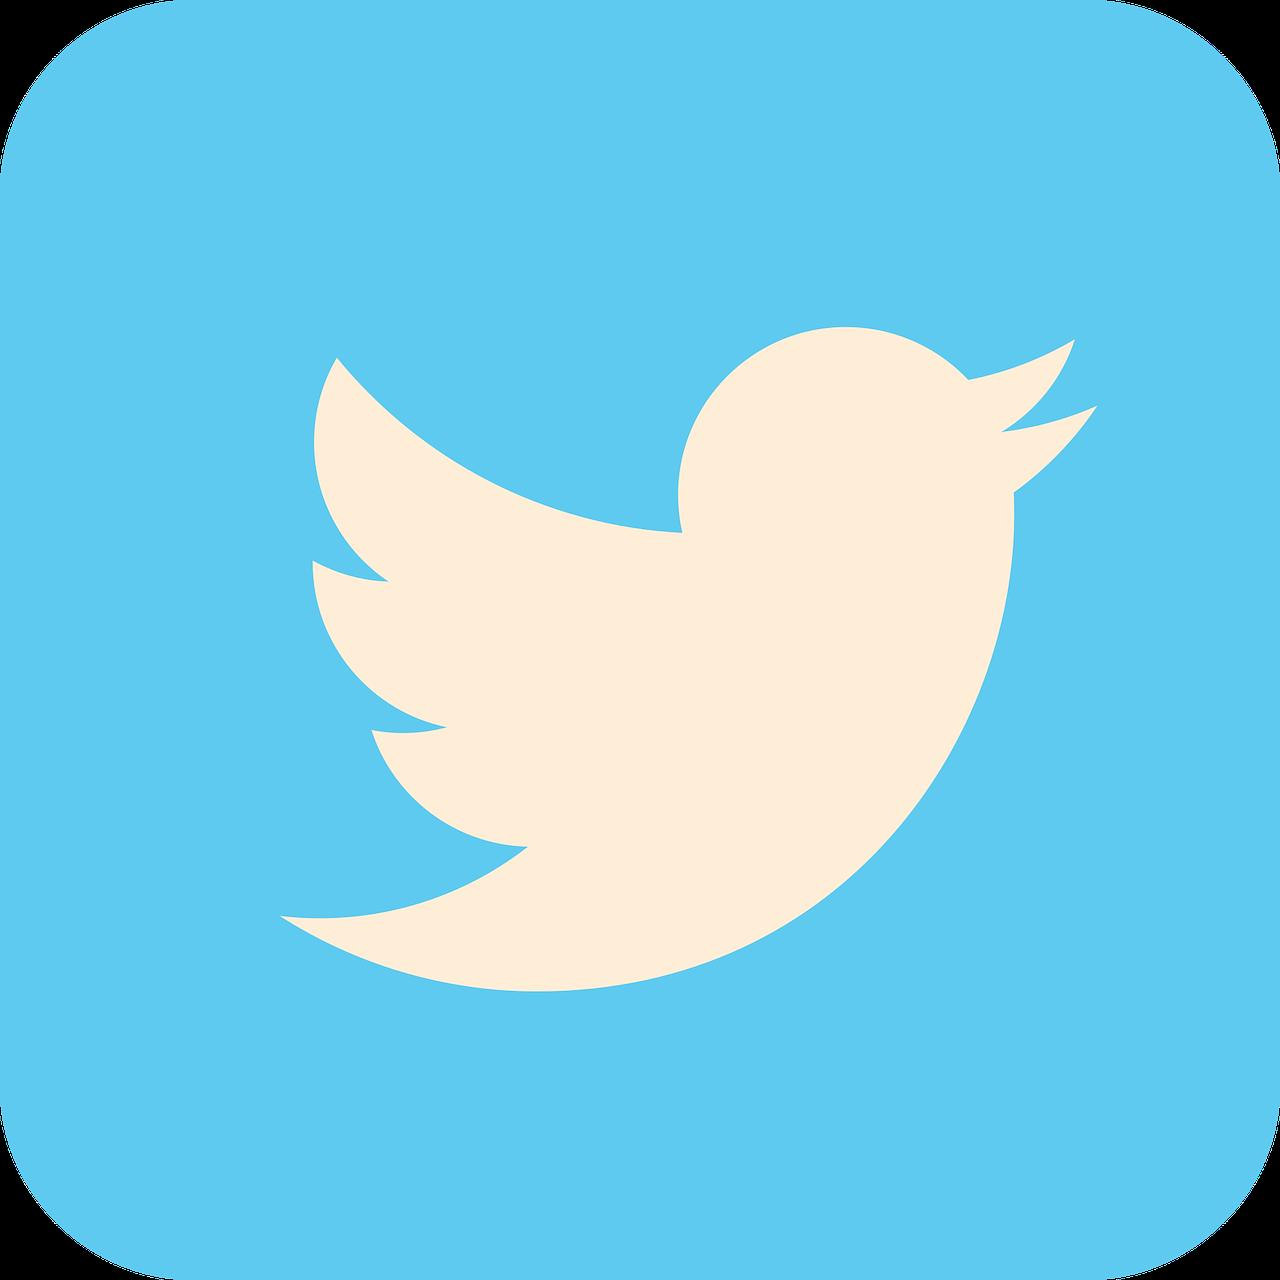 Com'è andata la storia della class action contro Twitter finita con un patteggiamento da 800 milioni di euro